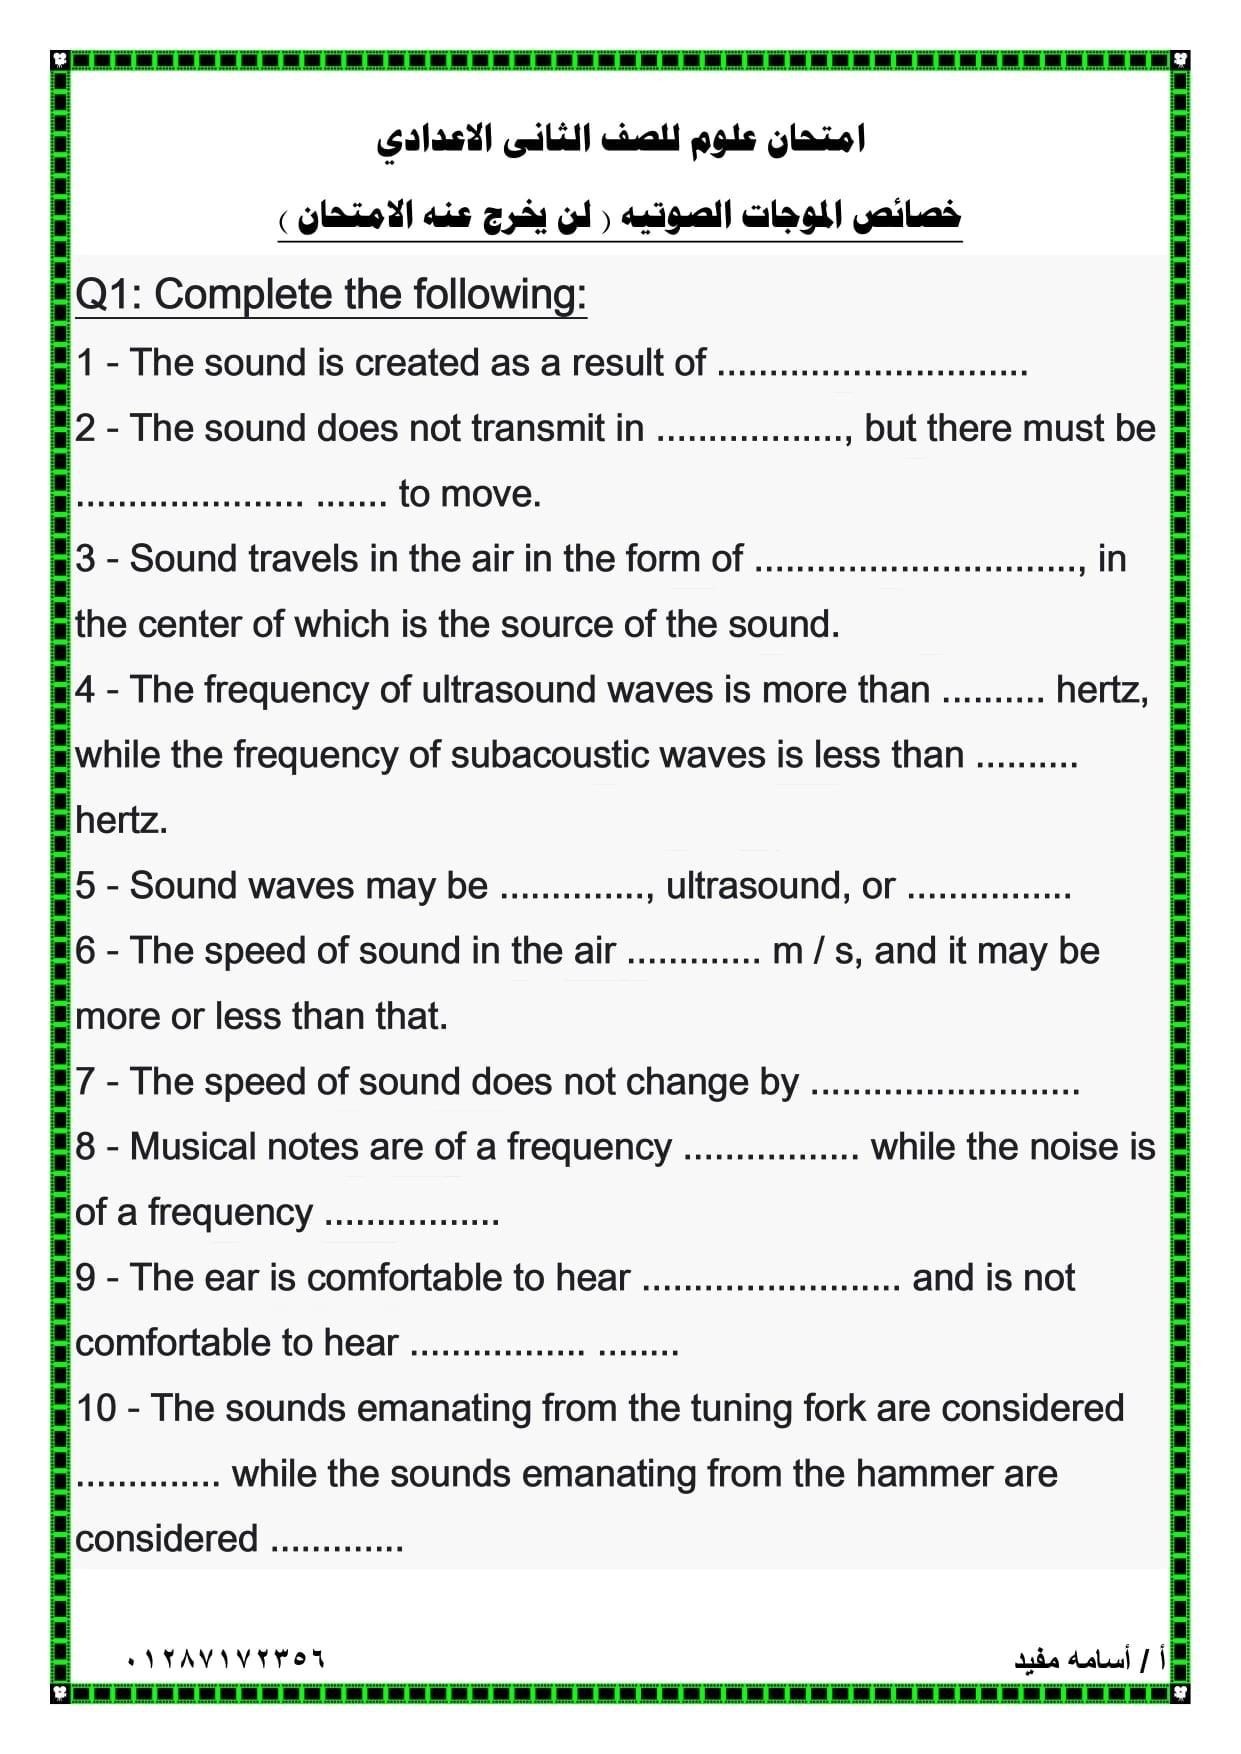 مراجعة علوم باللغة الانجليزية للصف الثاني الاعدادي لغات ترم ثاني بالاجابات 1